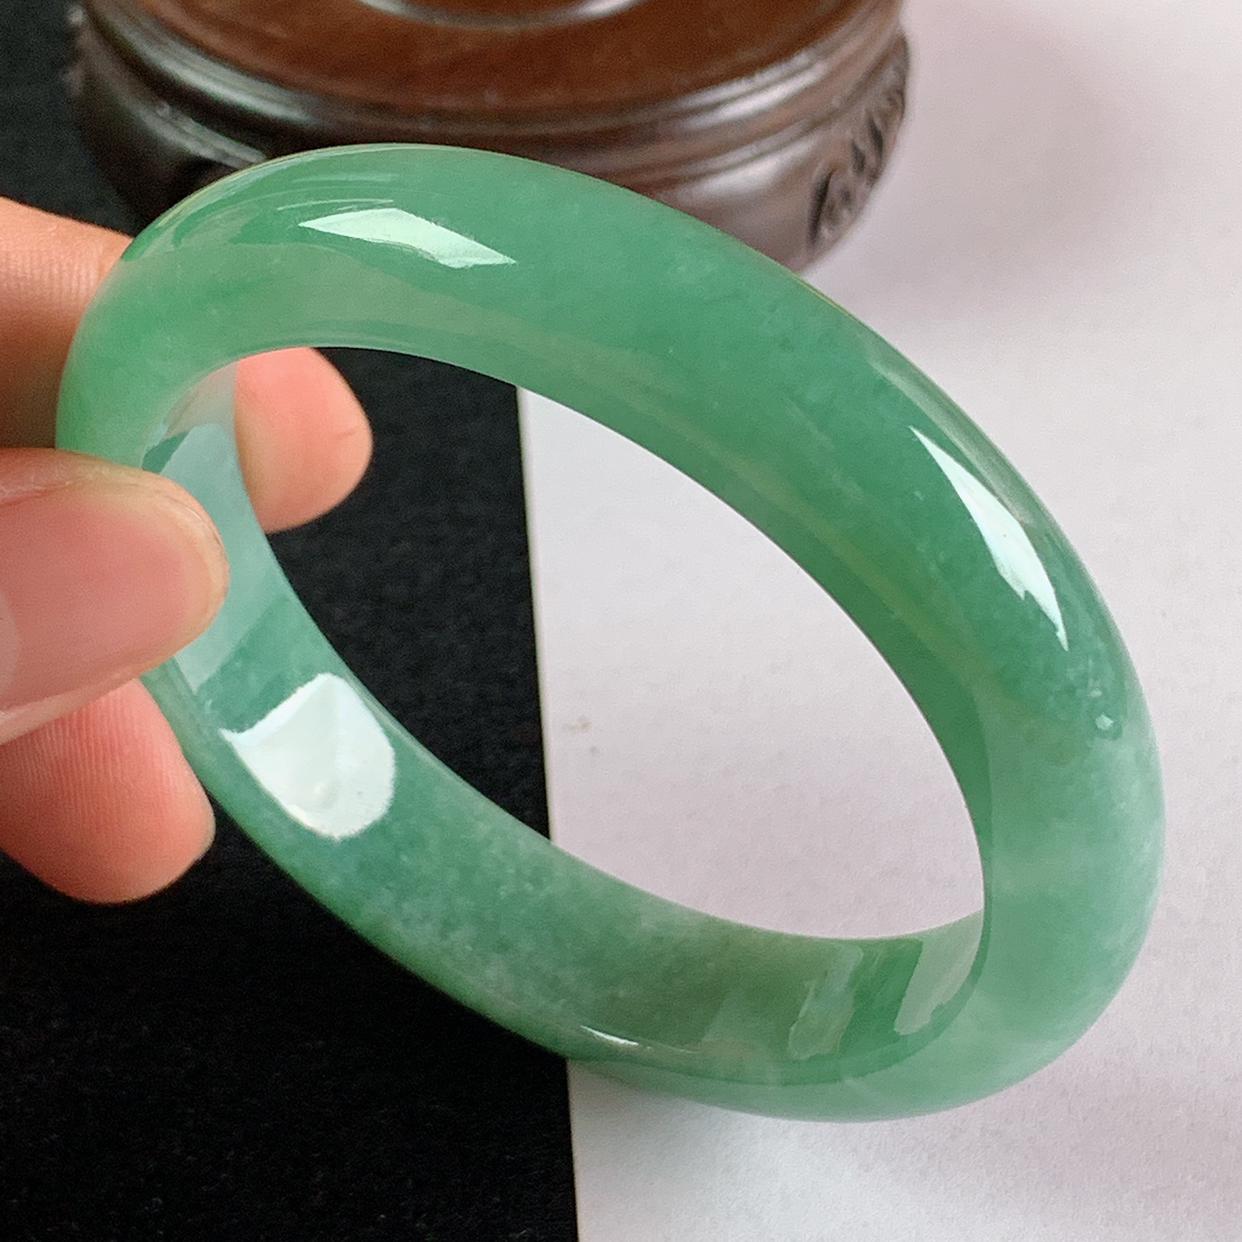 缅甸a货翡翠,水润满绿正圈手镯56.4mm,玉质细腻,色彩艳丽,青翠迷人,条形大方得体,佩戴效果好